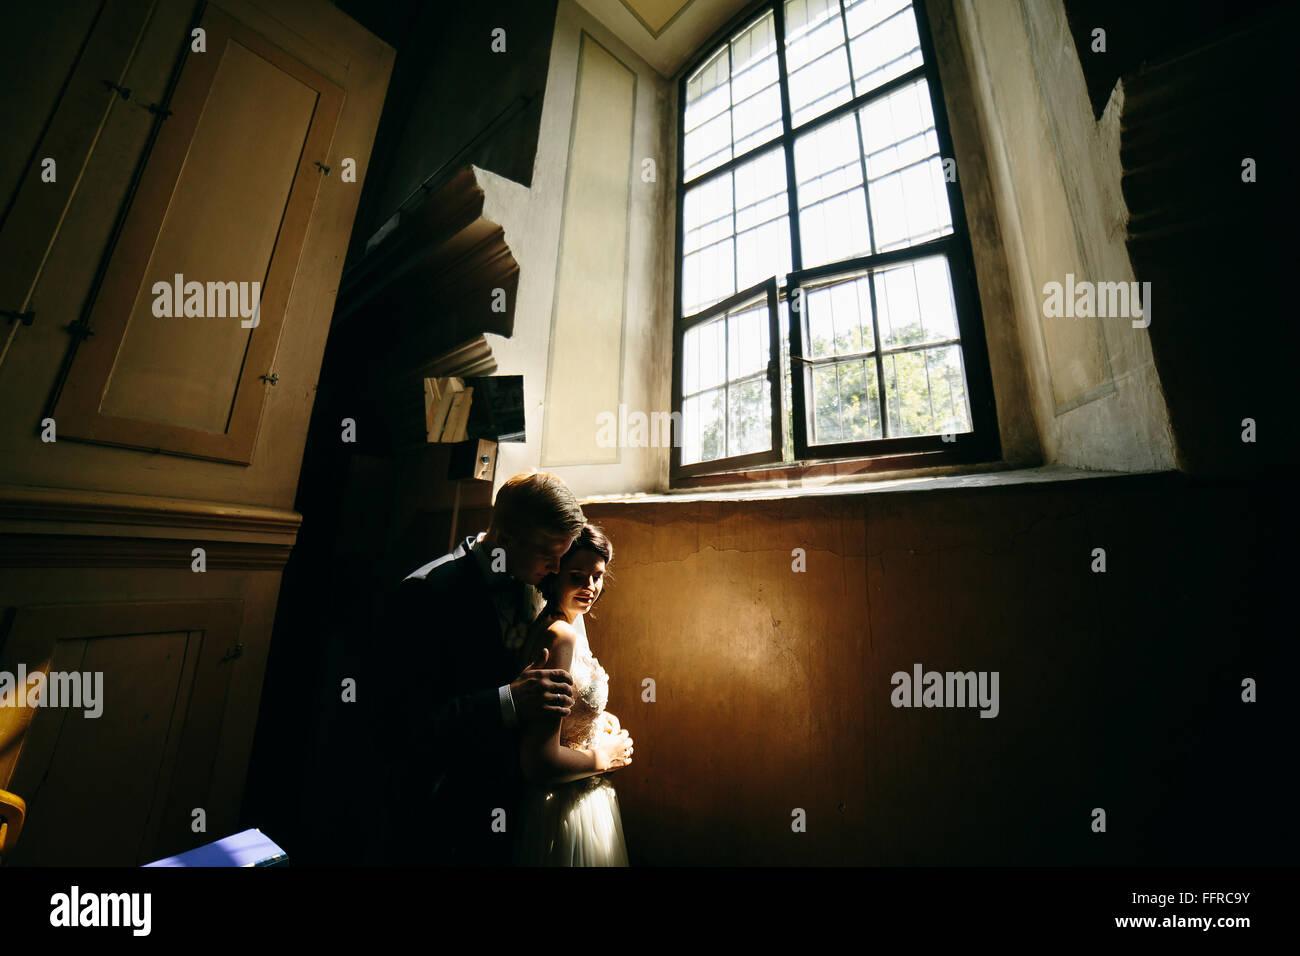 Noivos no fundo de uma janela. Imagens de Stock